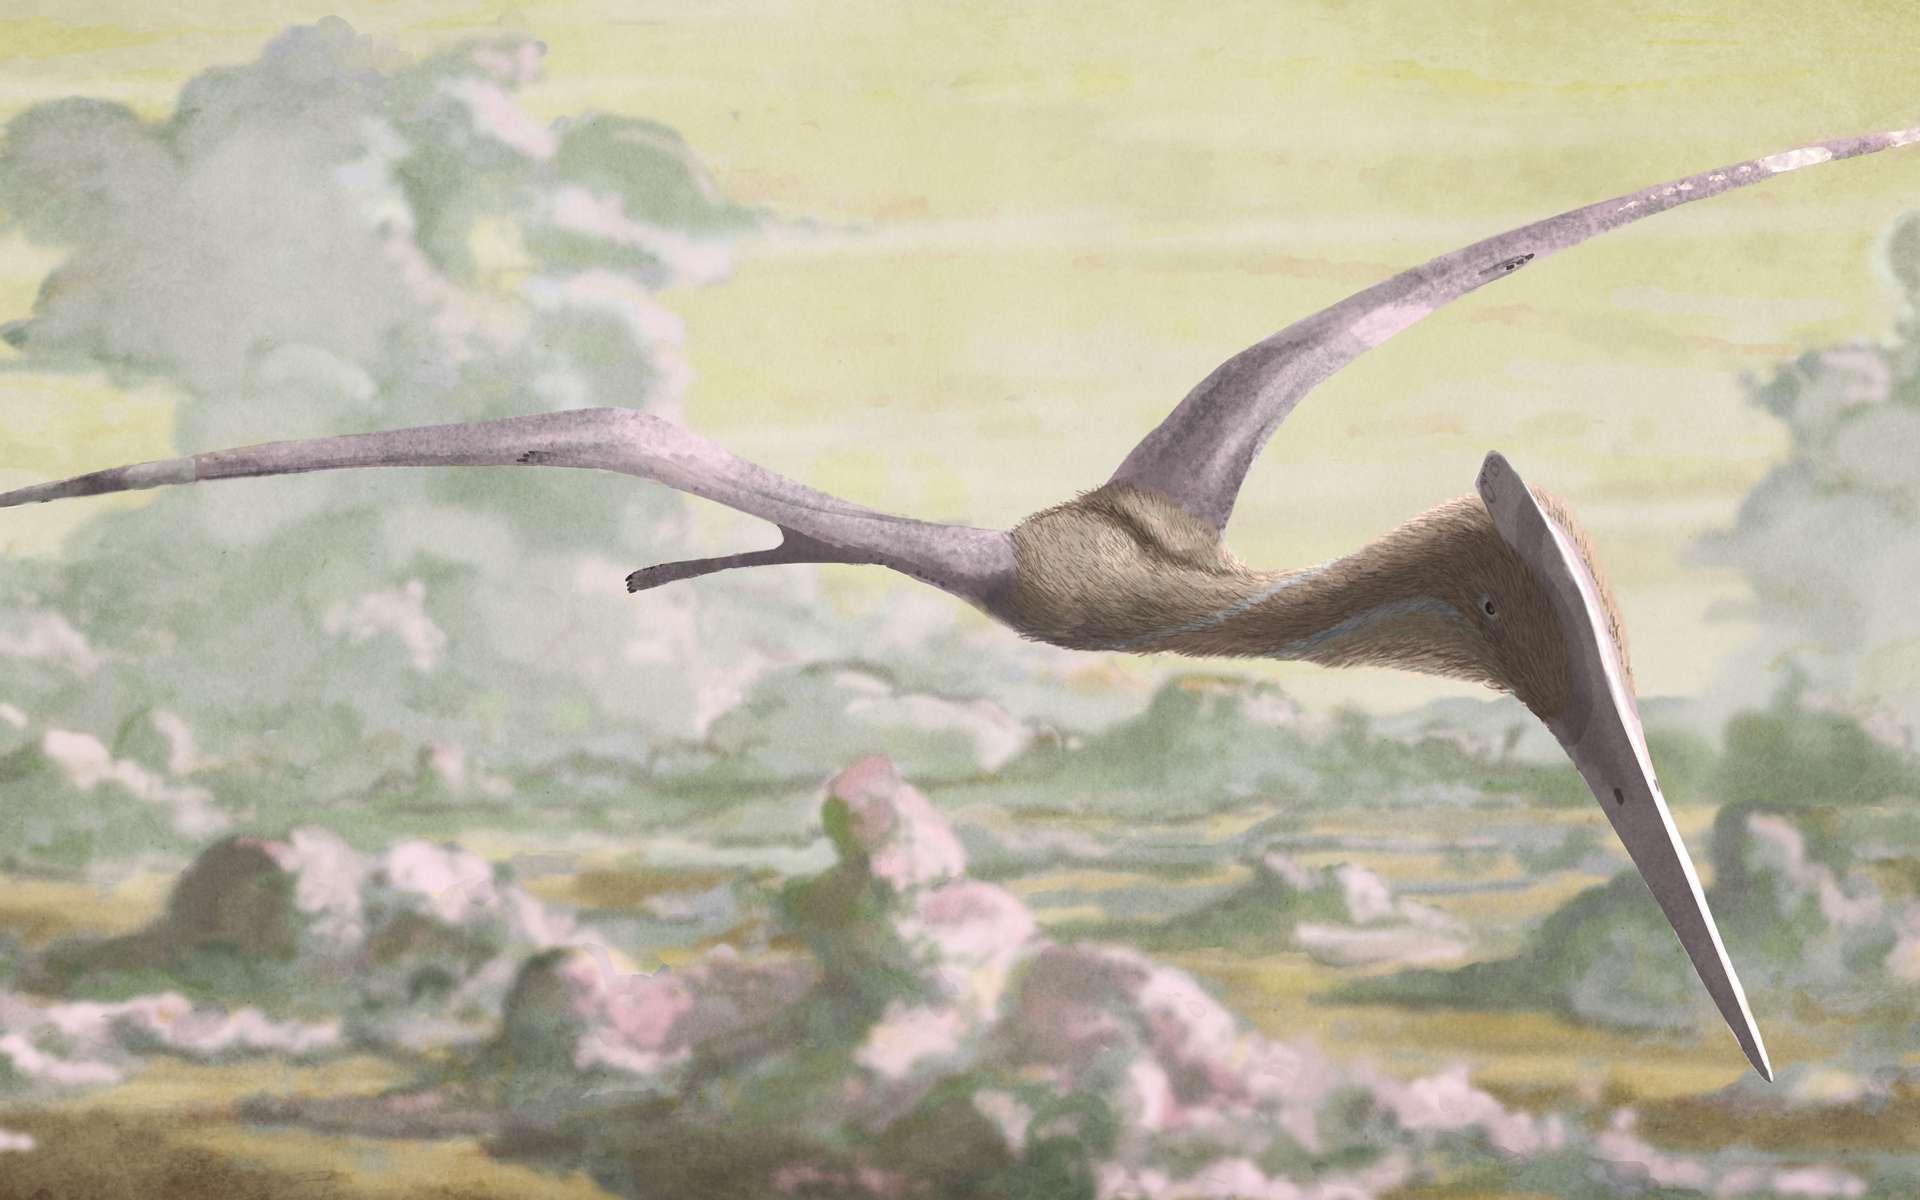 Les ptérosaures, bien que volants, faisaient figure d'animaux de belle taille même parmi les dinosaures. © DR